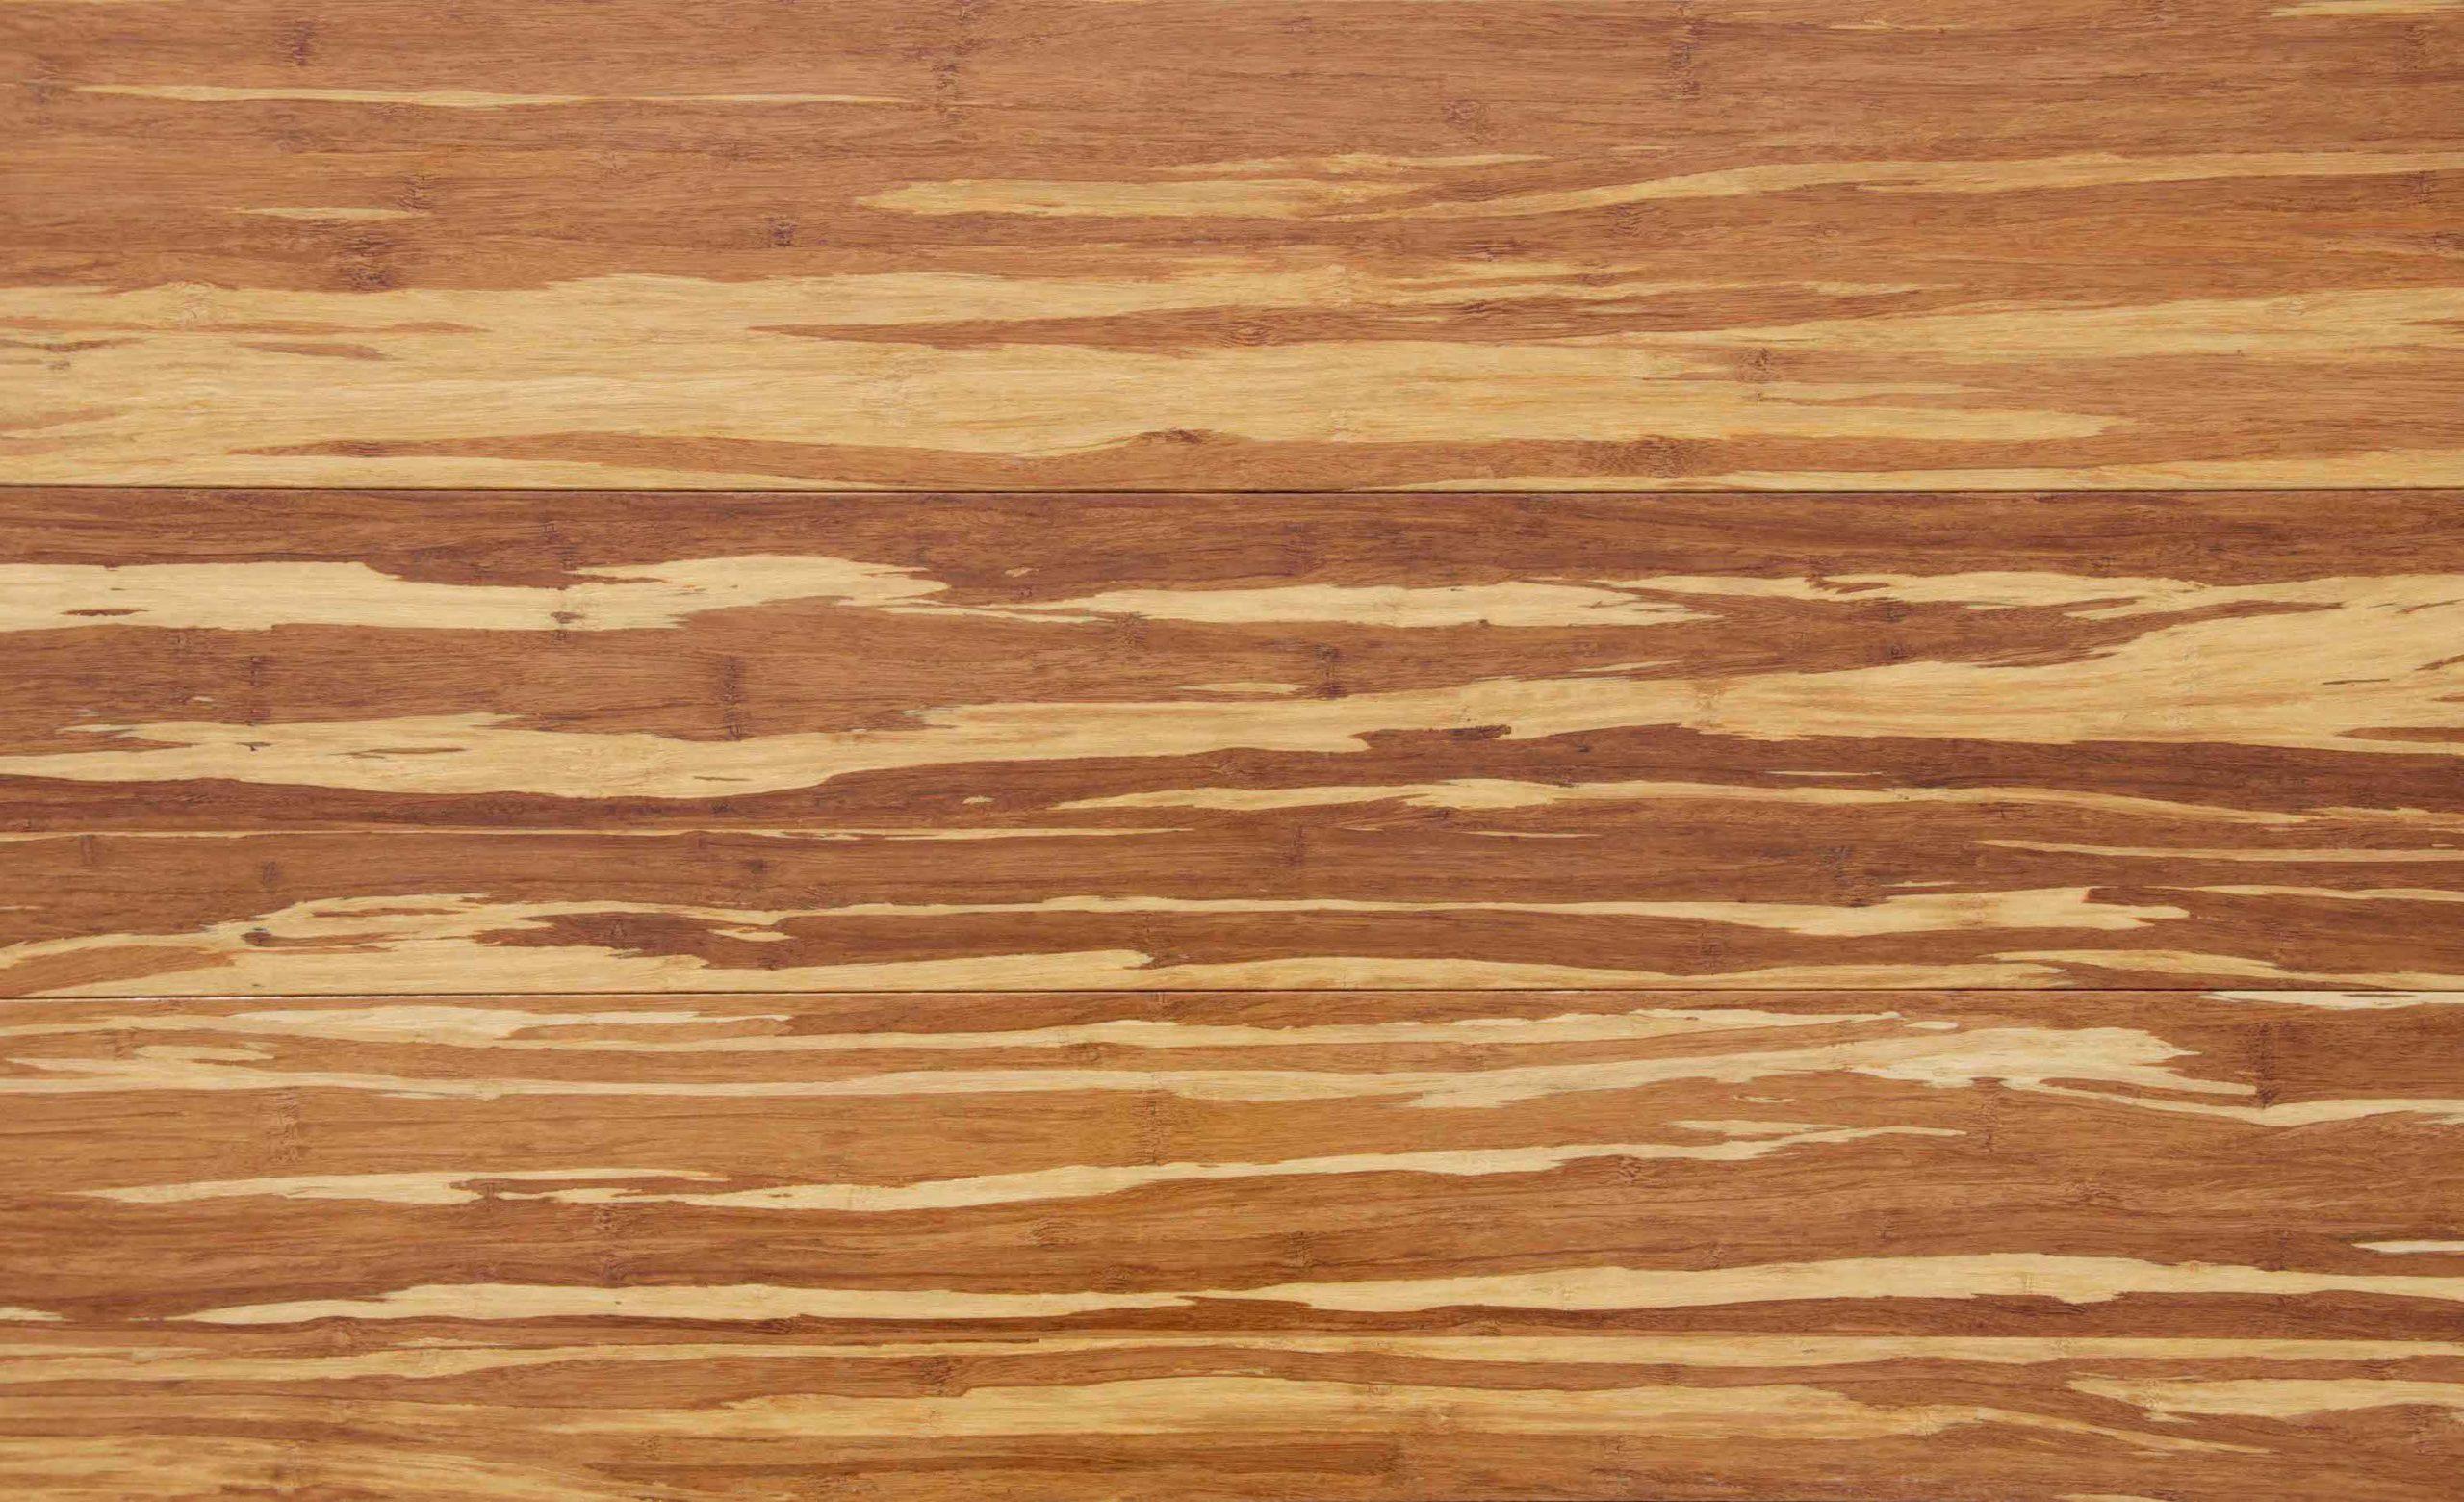 Oakwood Parquet En Bambou Convient Pour Plancher Chauffant ... dedans Parquet Bambou À Clipser